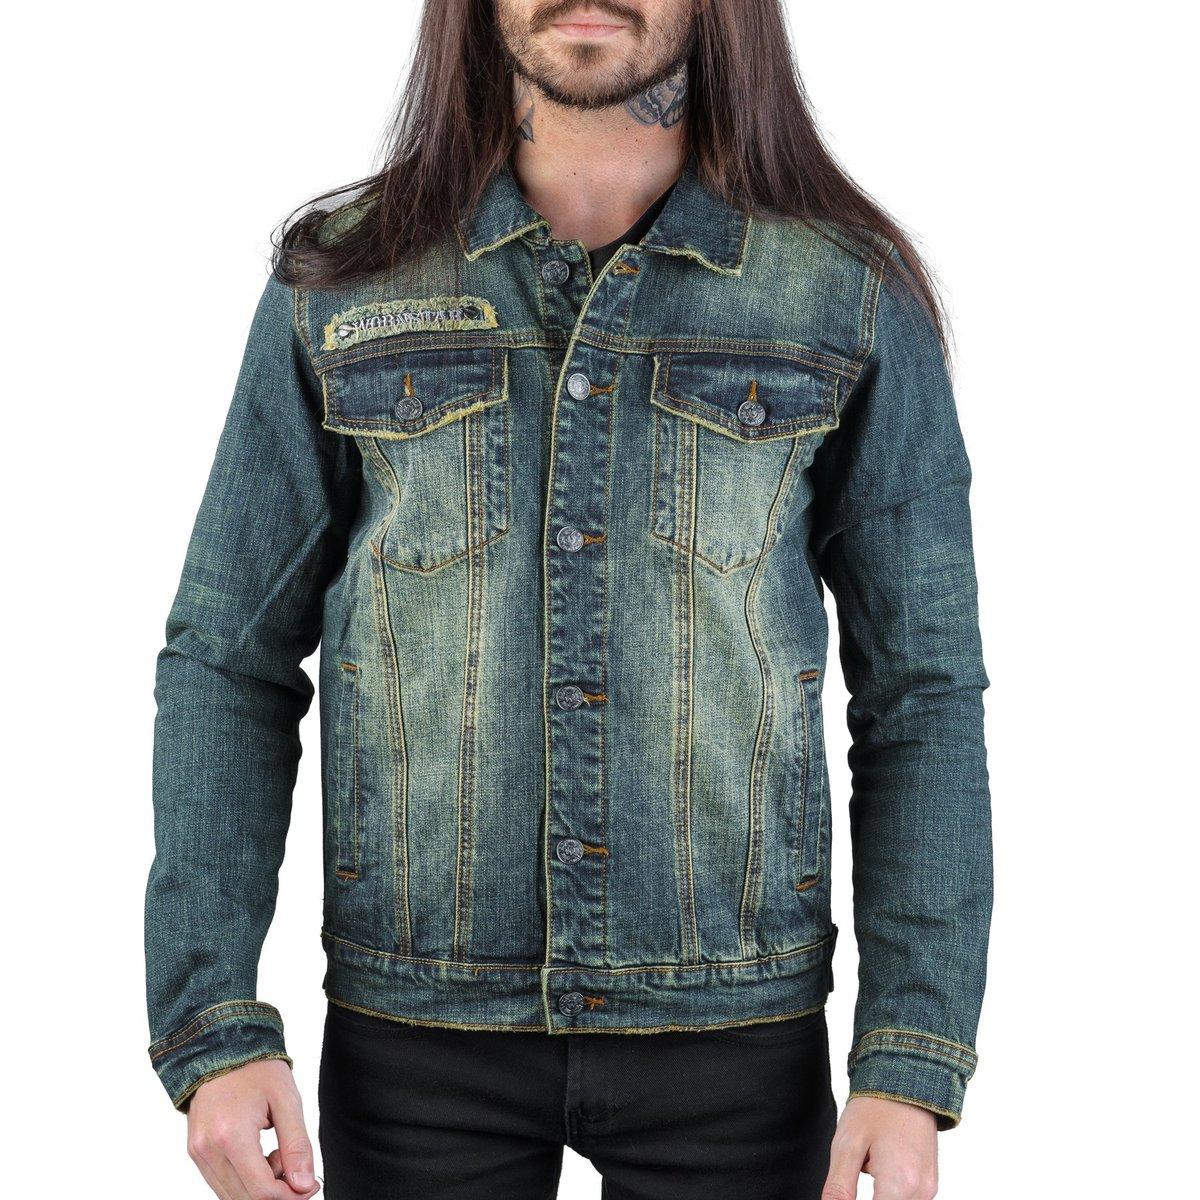 157f839c55009 spring fall jacket - Idolmaker - WORNSTAR - WSJ-IMJBV - metal-shop.eu